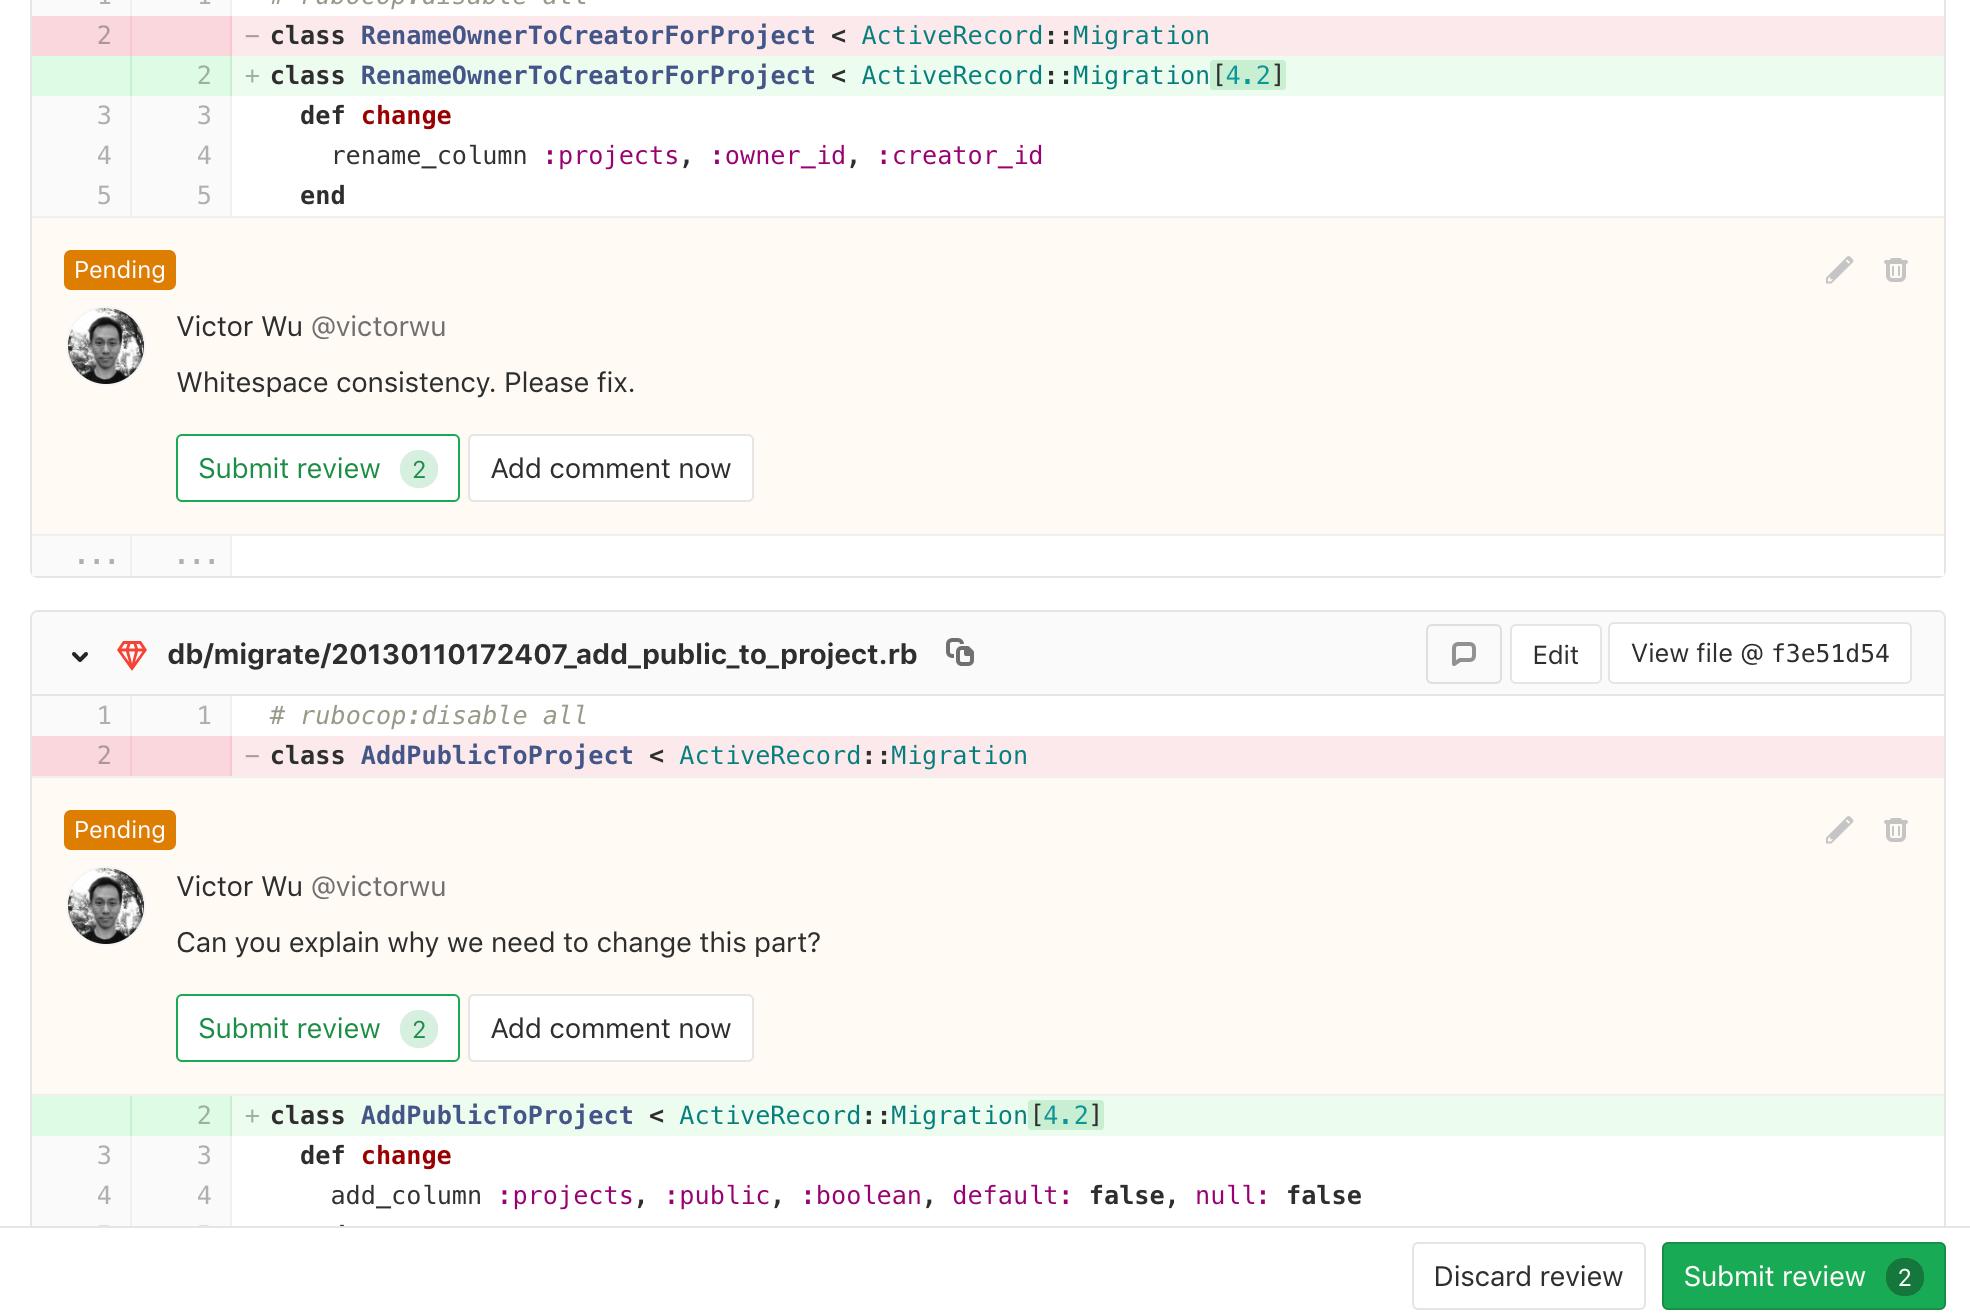 Новый выпуск GitLab 11.4 с рецензированием запросов слияния и флажками функций - 2